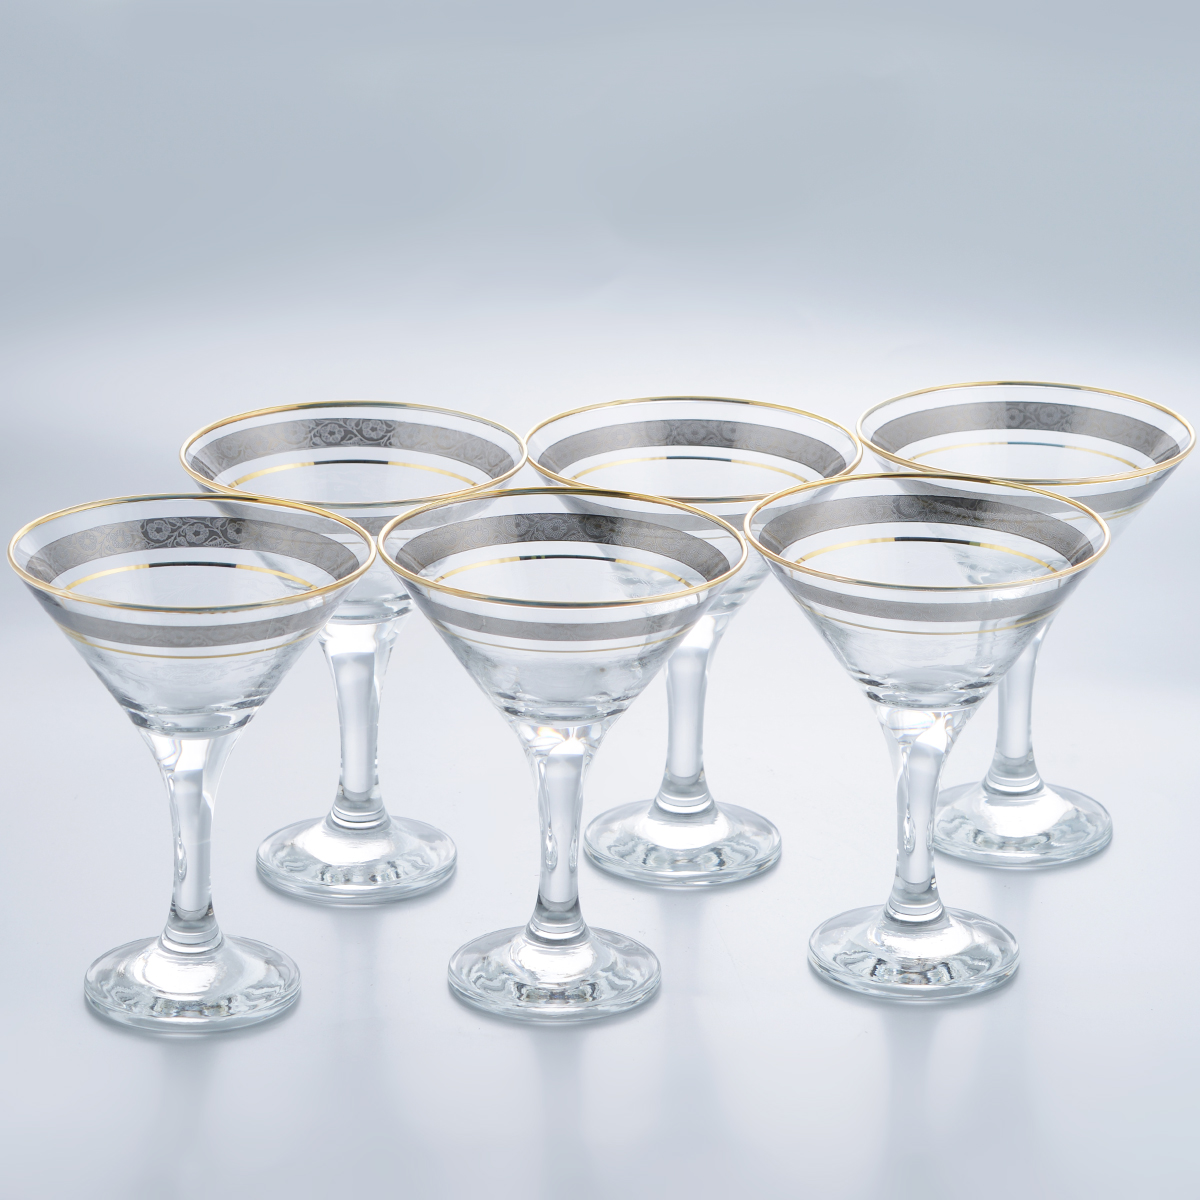 Набор бокалов для мартини Гусь-Хрустальный Нежность, 170 мл, 6 штTL34-410Набор Гусь-Хрустальный Нежность состоит из 6 бокалов на длинных ножках, изготовленных из высококачественного натрий-кальций-силикатного стекла. Изделия оформлены красивым зеркальным покрытием, оригинальной окантовкой с цветочным узором и прозрачным орнаментом. Бокалы предназначены для подачи мартини. Такой набор прекрасно дополнит праздничный стол и станет желанным подарком в любом доме. Разрешается мыть в посудомоечной машине. Диаметр бокала (по верхнему краю): 10,5 см. Высота бокала: 13,5 см. Диаметр основания бокала: 6,3 см.